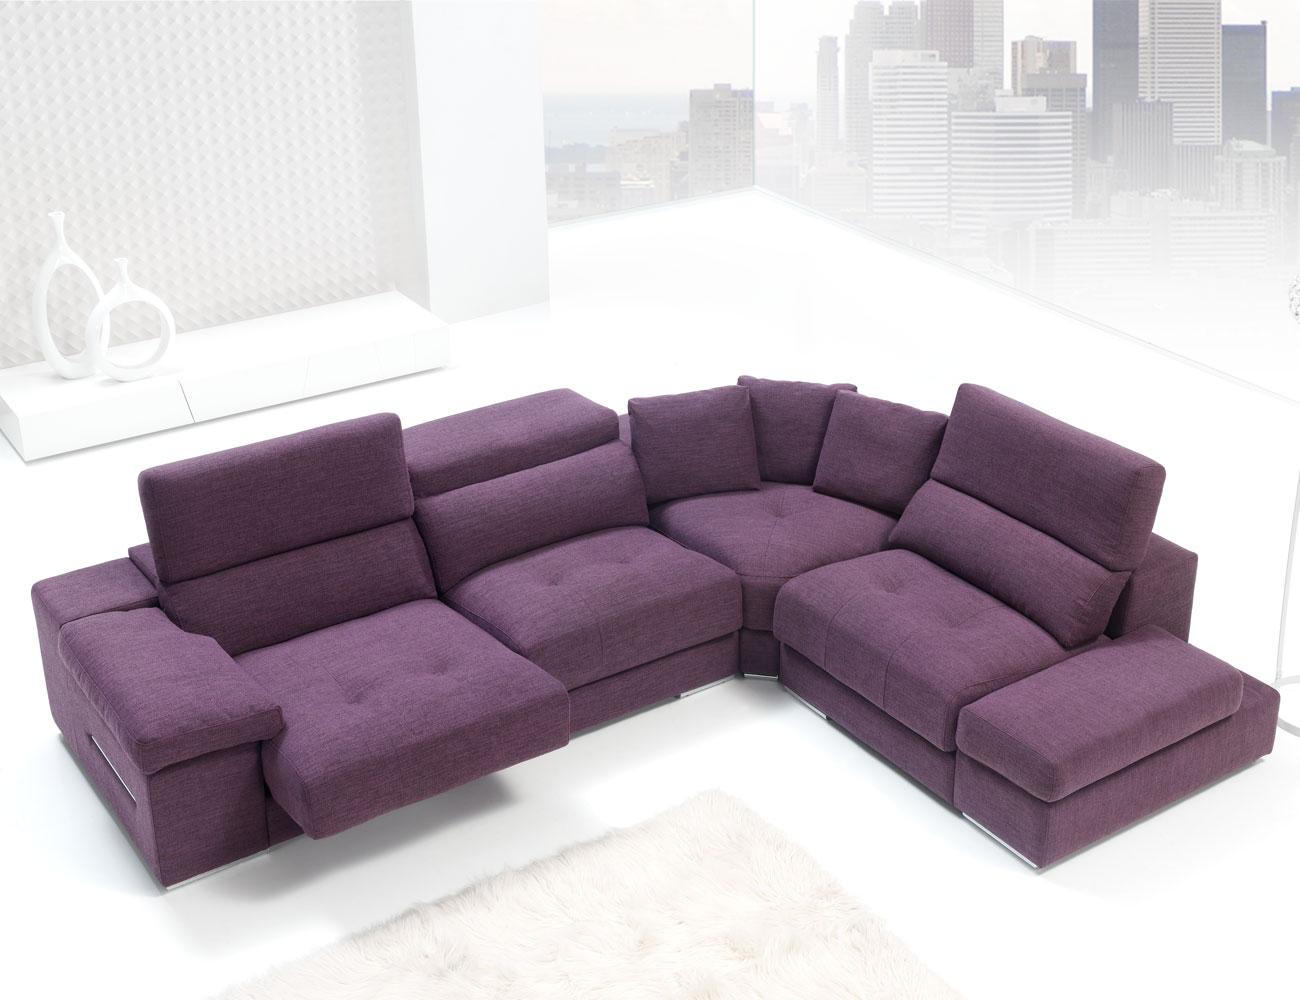 Sofa chaiselongue rincon con brazo mecanico tejido anti manchas 253